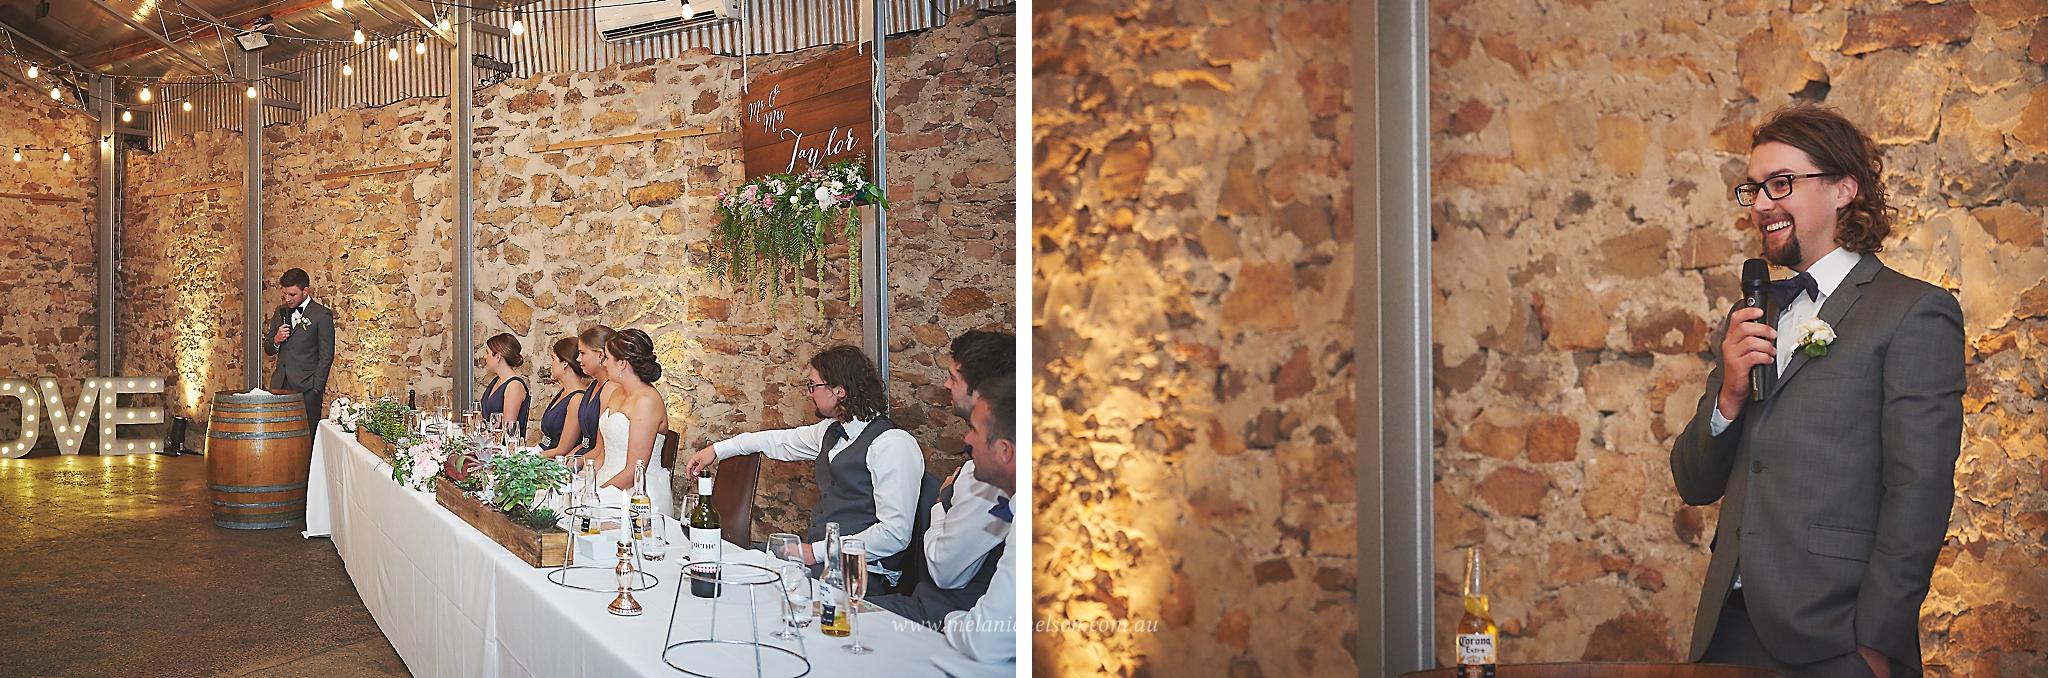 howards_vineyard_wedding_0039.jpg